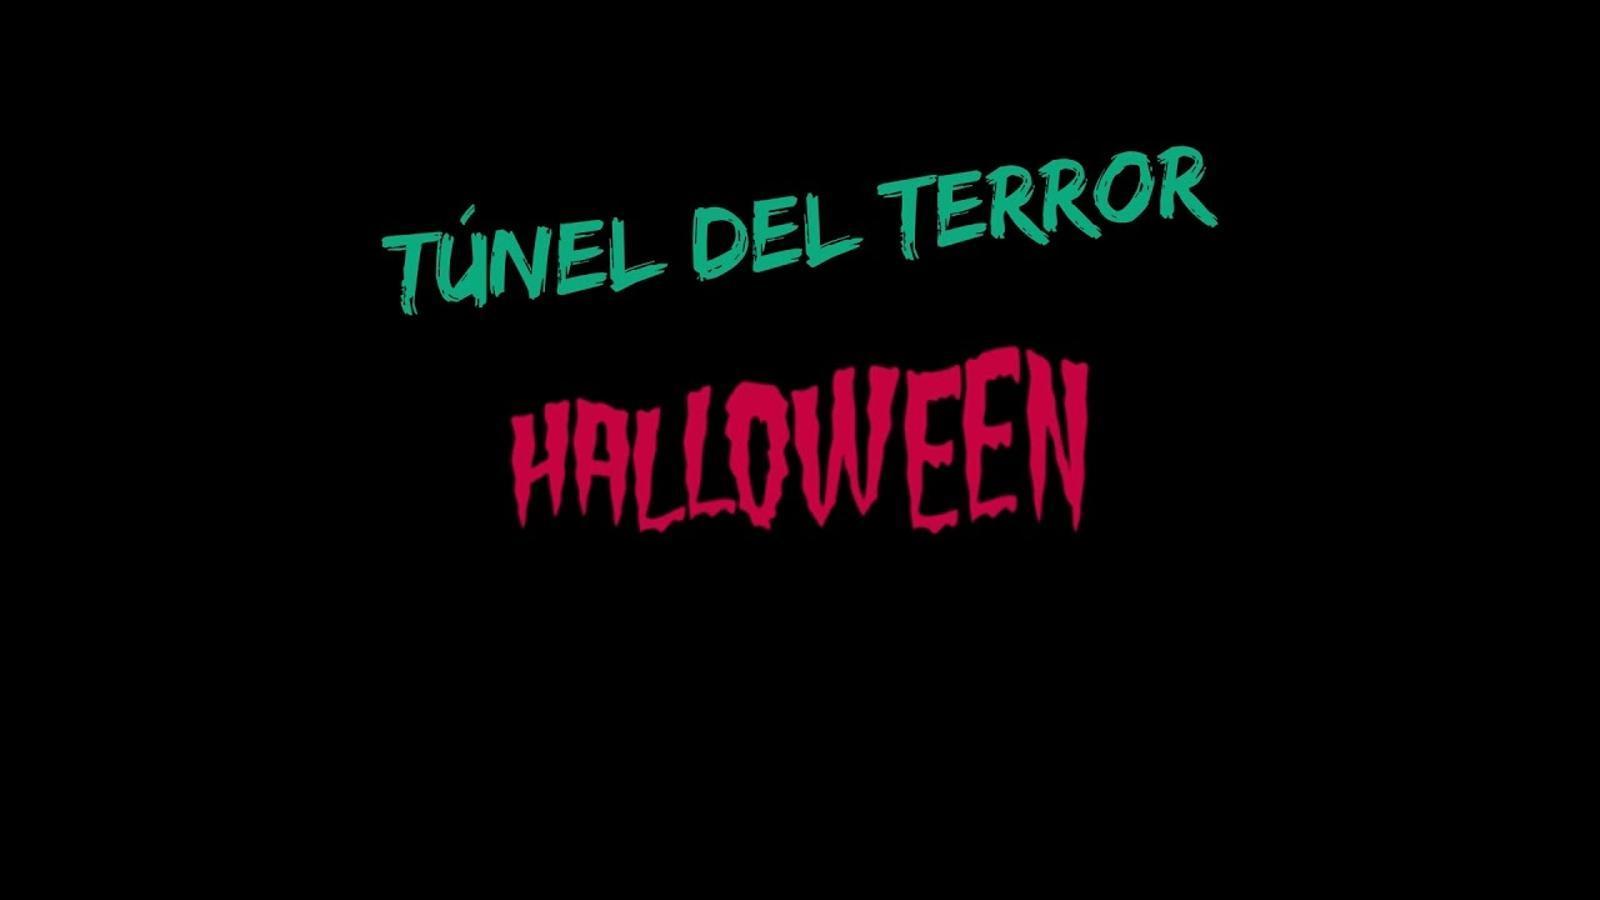 Pal-Arinsal celebra Halloween amb un túnel del terror al telecabina de la Massana